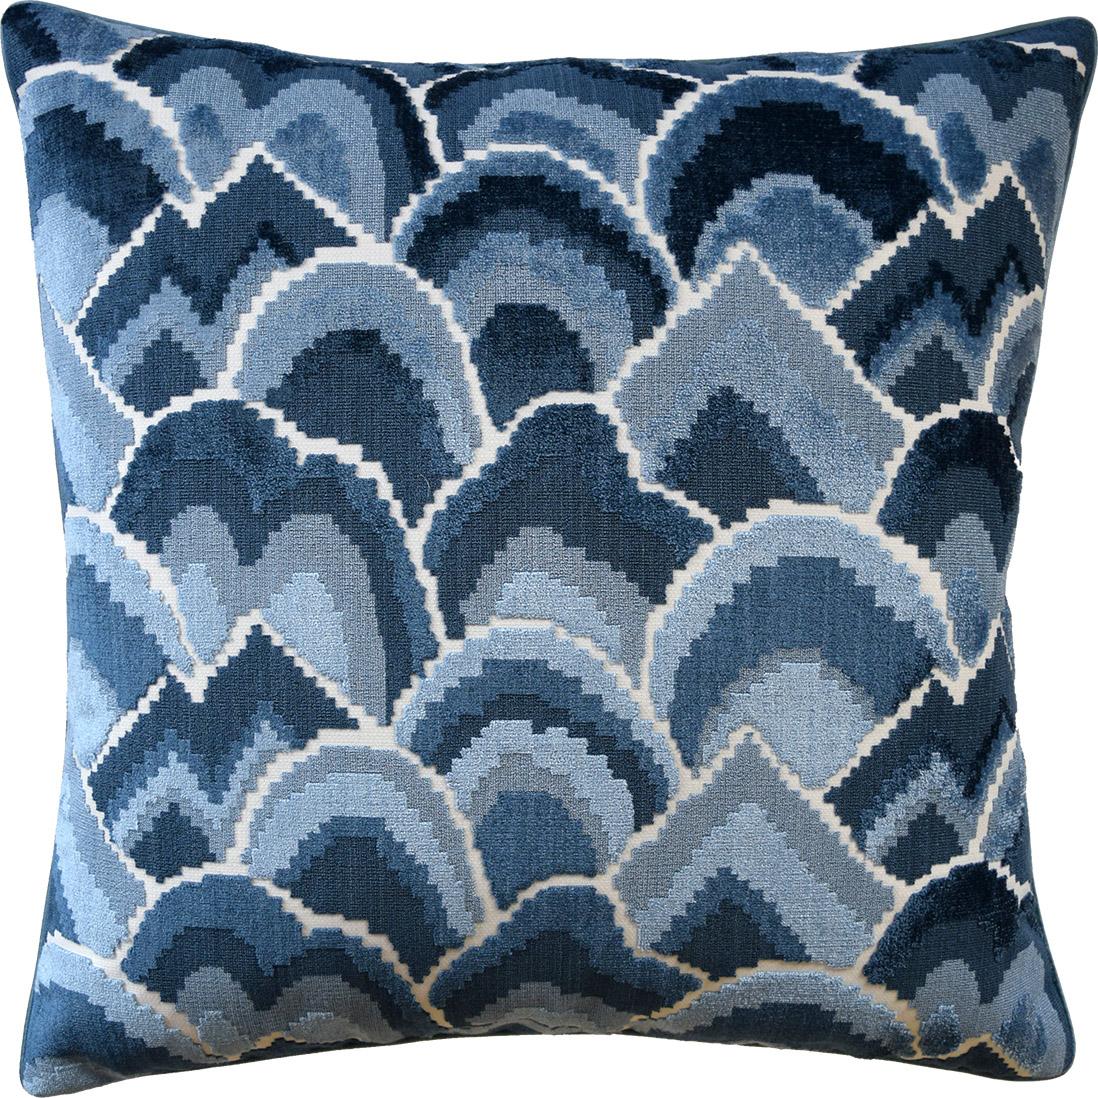 Ocean Pillow